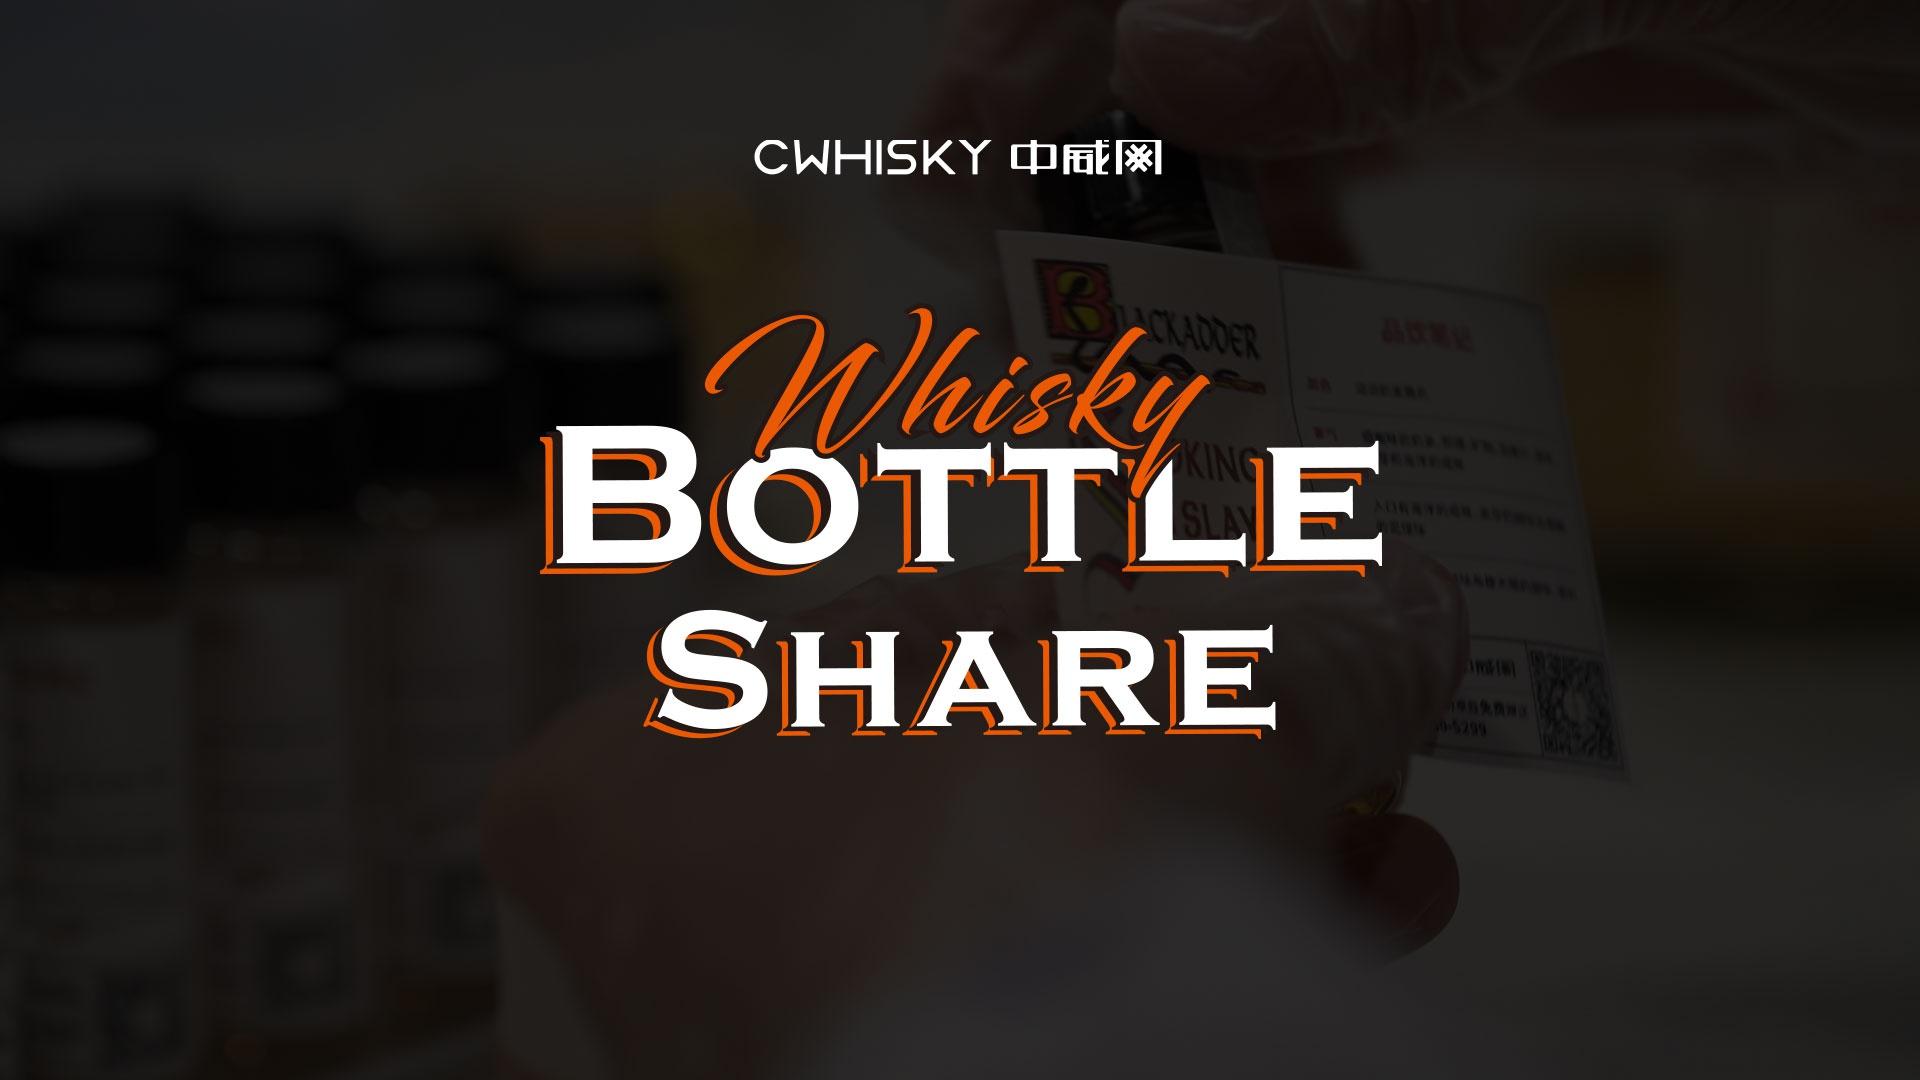 分享预告   格兰多纳、库那、达尔维尼、欧本等分享瓶,8元起!